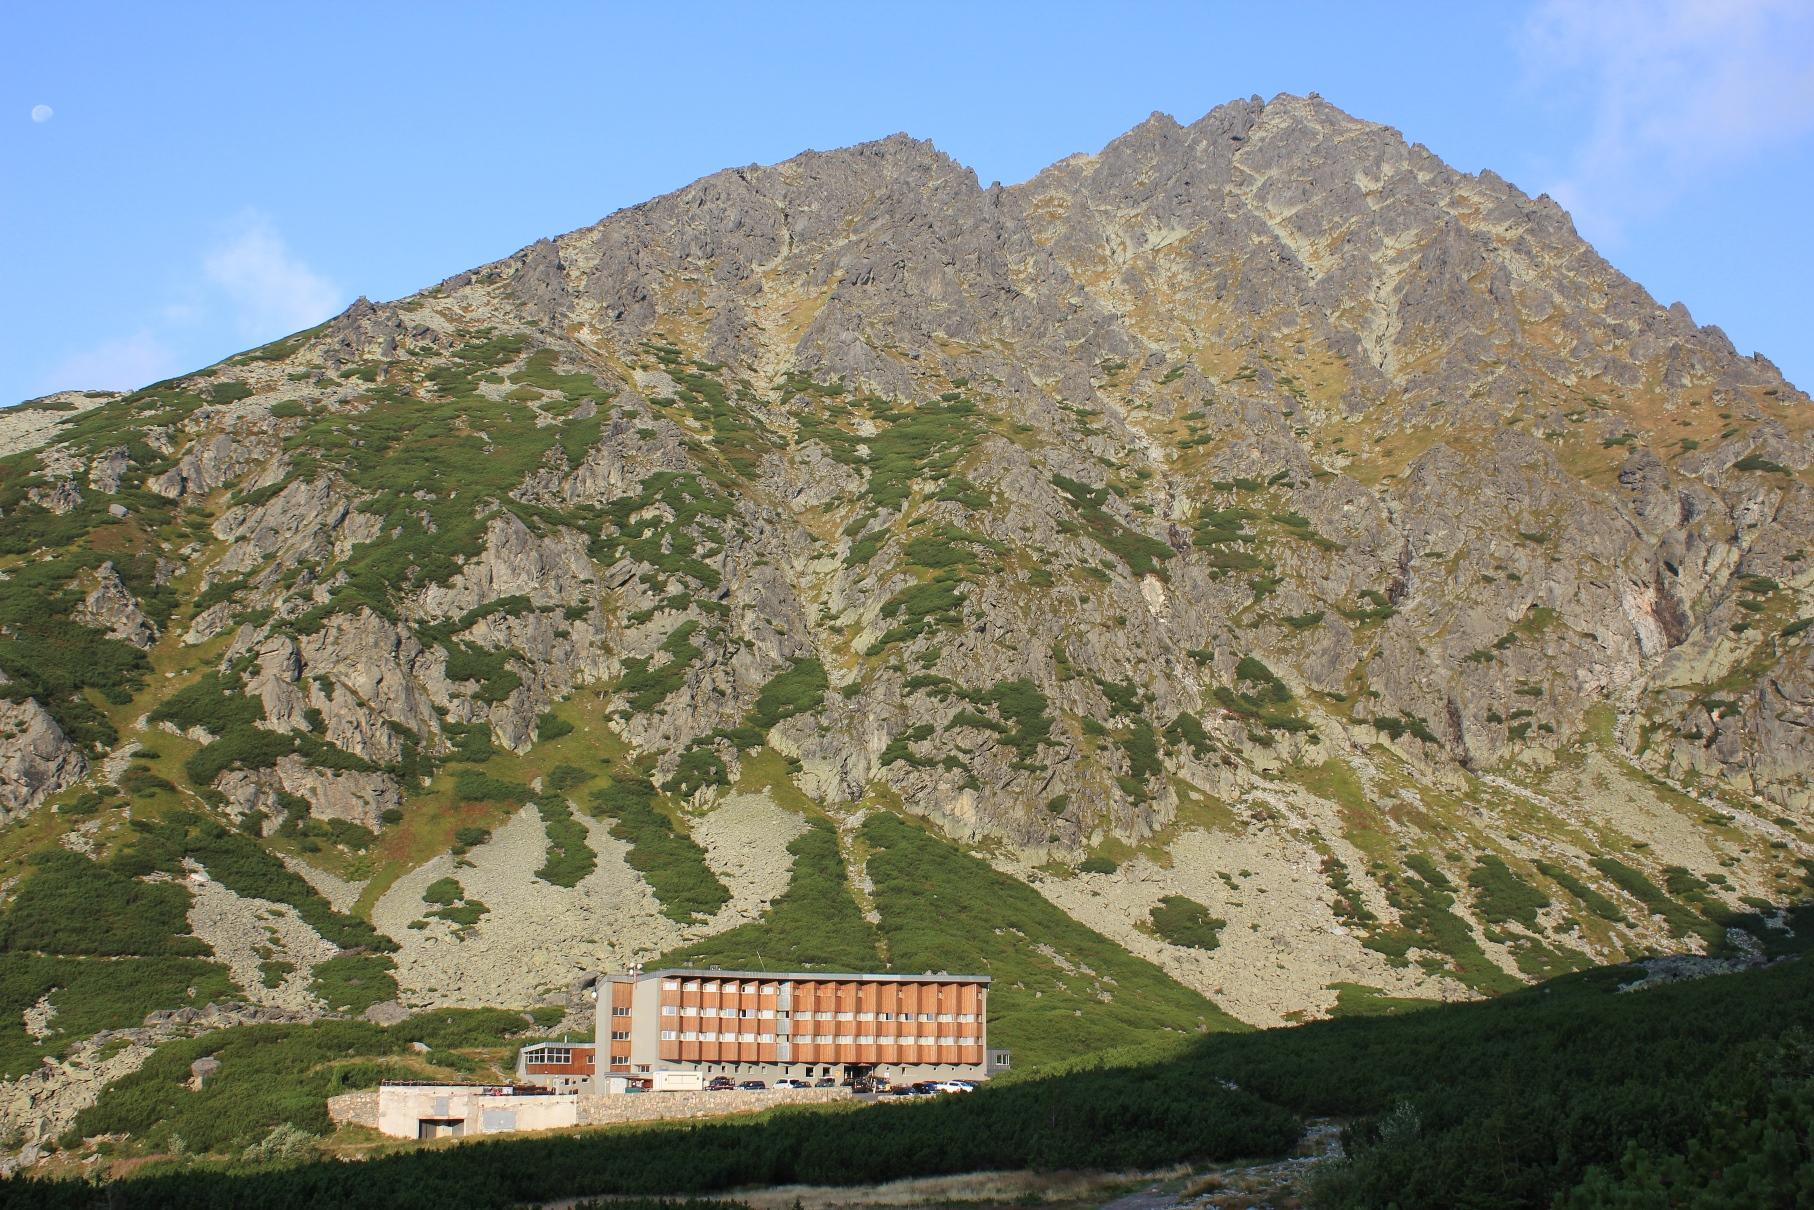 素朴な山岳国スロバキア、ポーランドハイキングと絶景の山岳リゾートホテル滞在 10日間